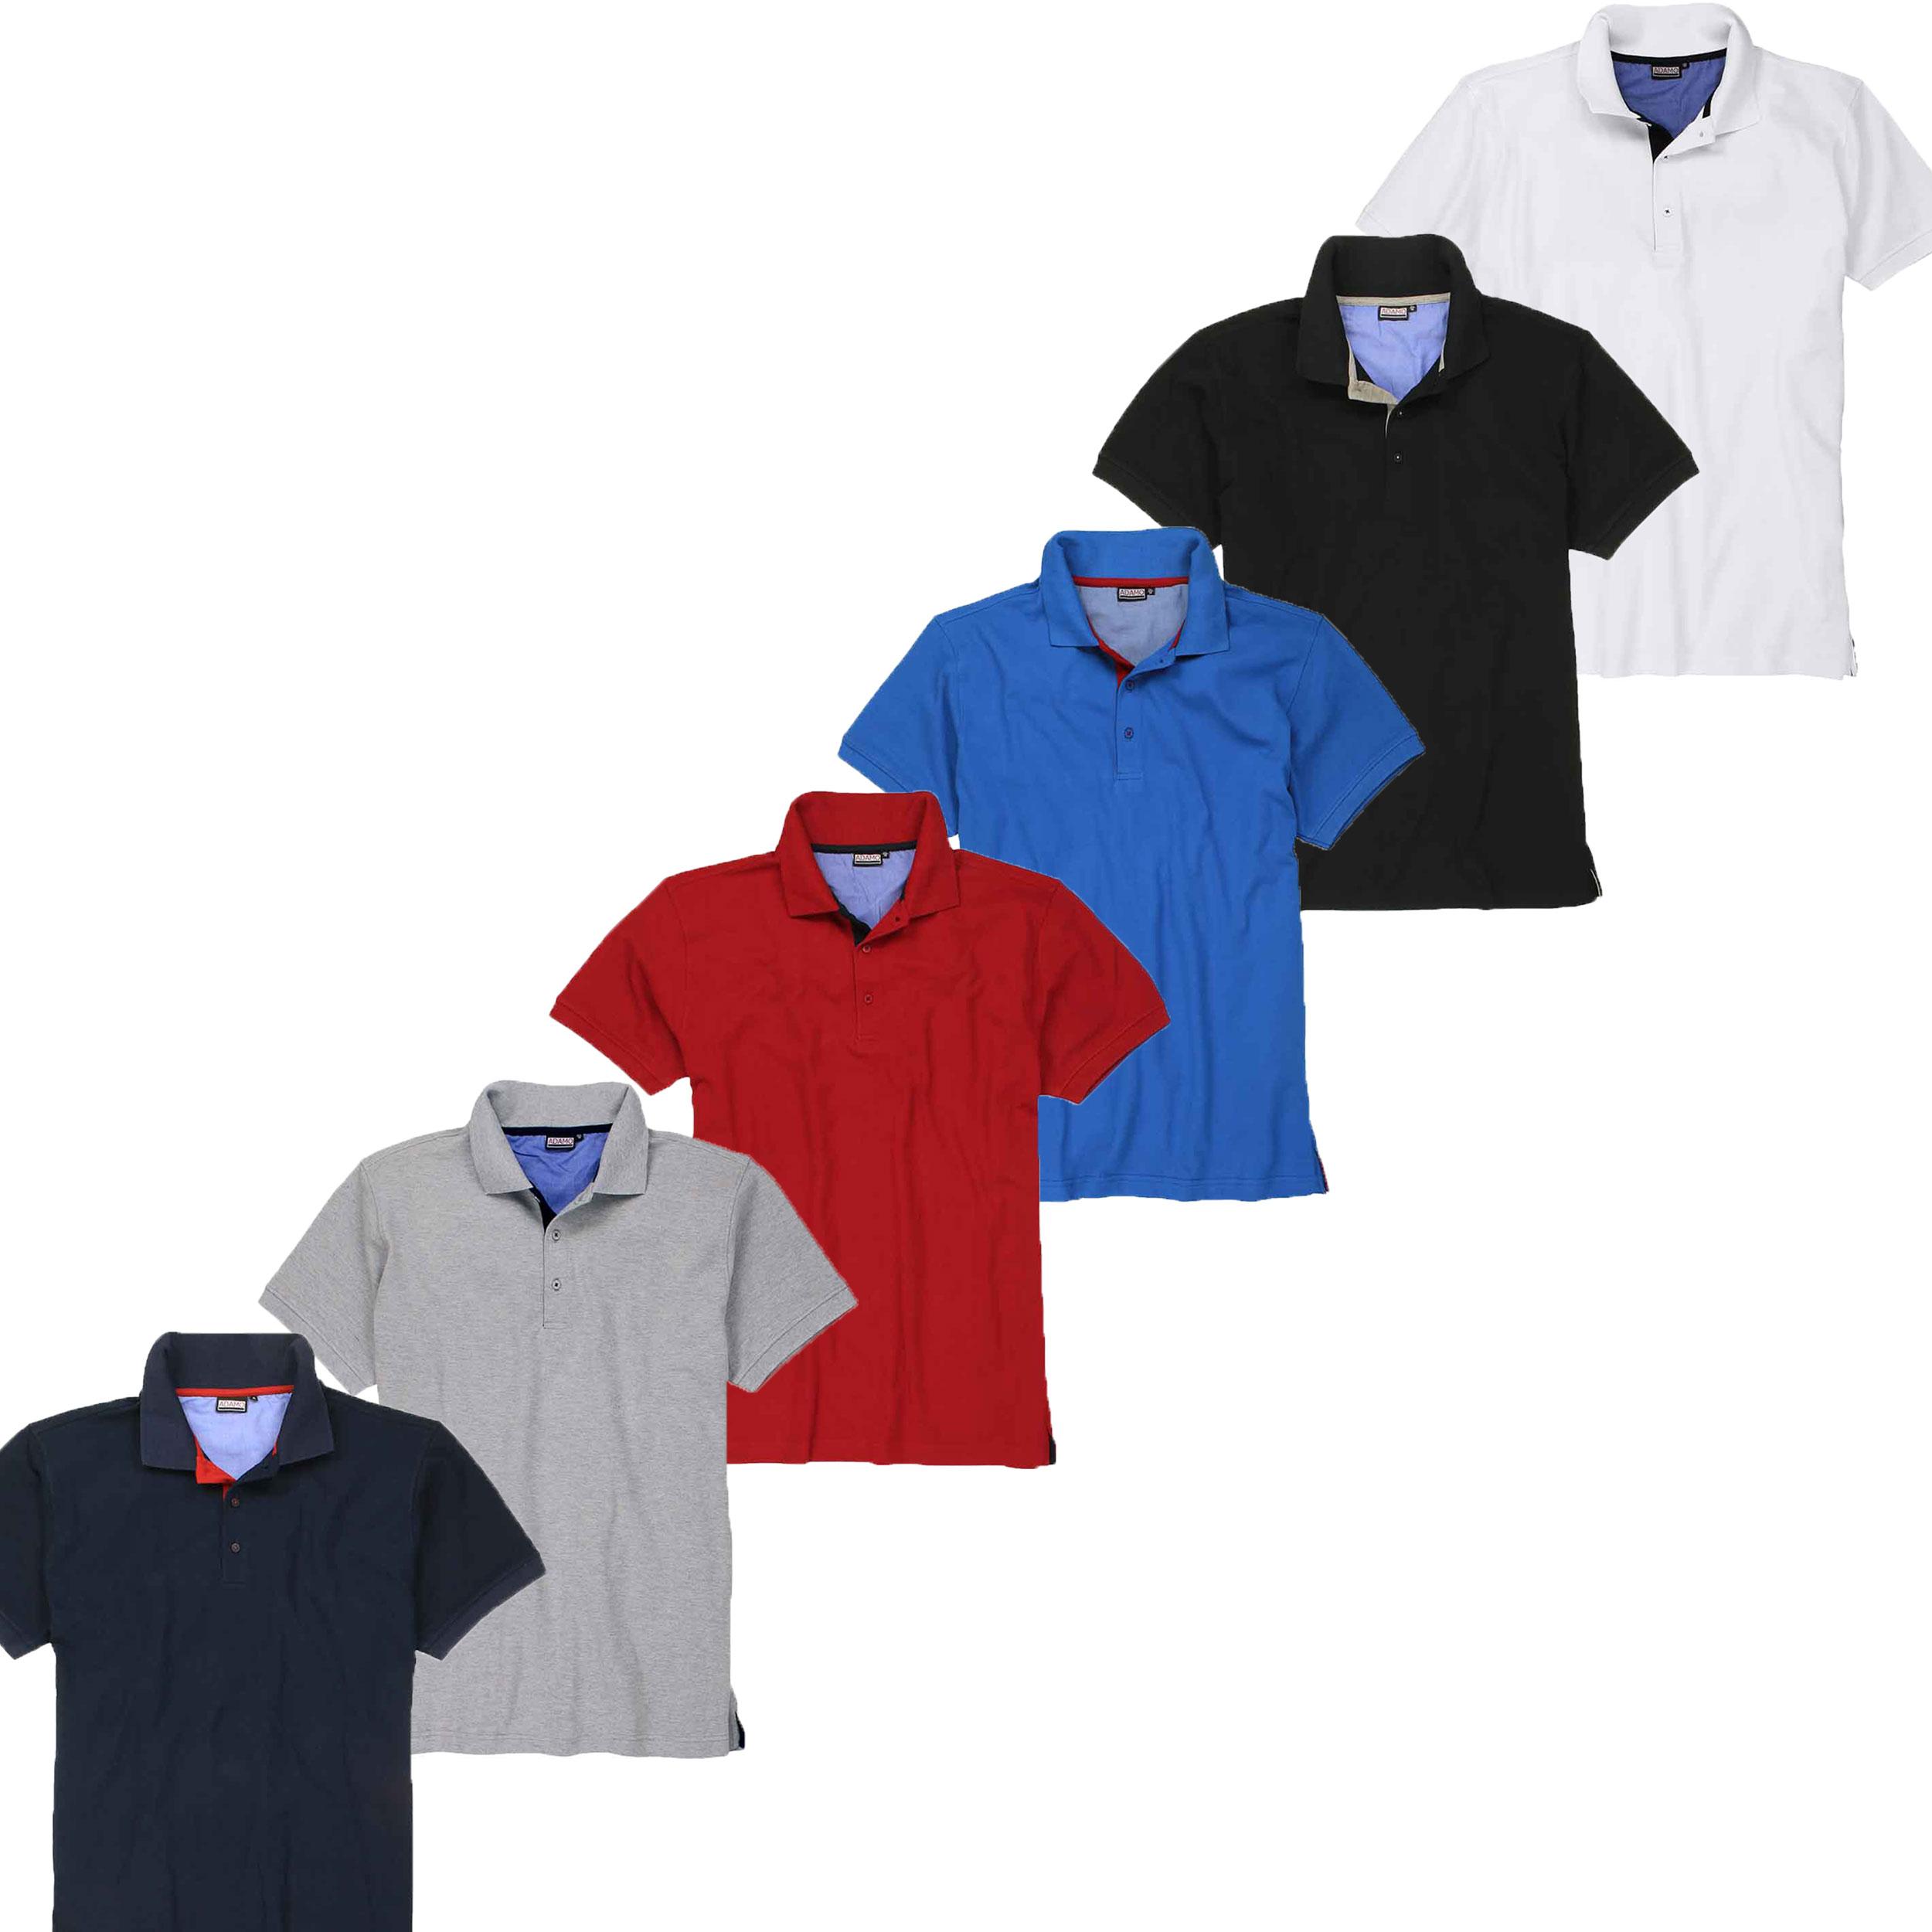 Übergrößen Designer Basic Polo-Shirt AHORN SPORTSWEAR 14 Farben